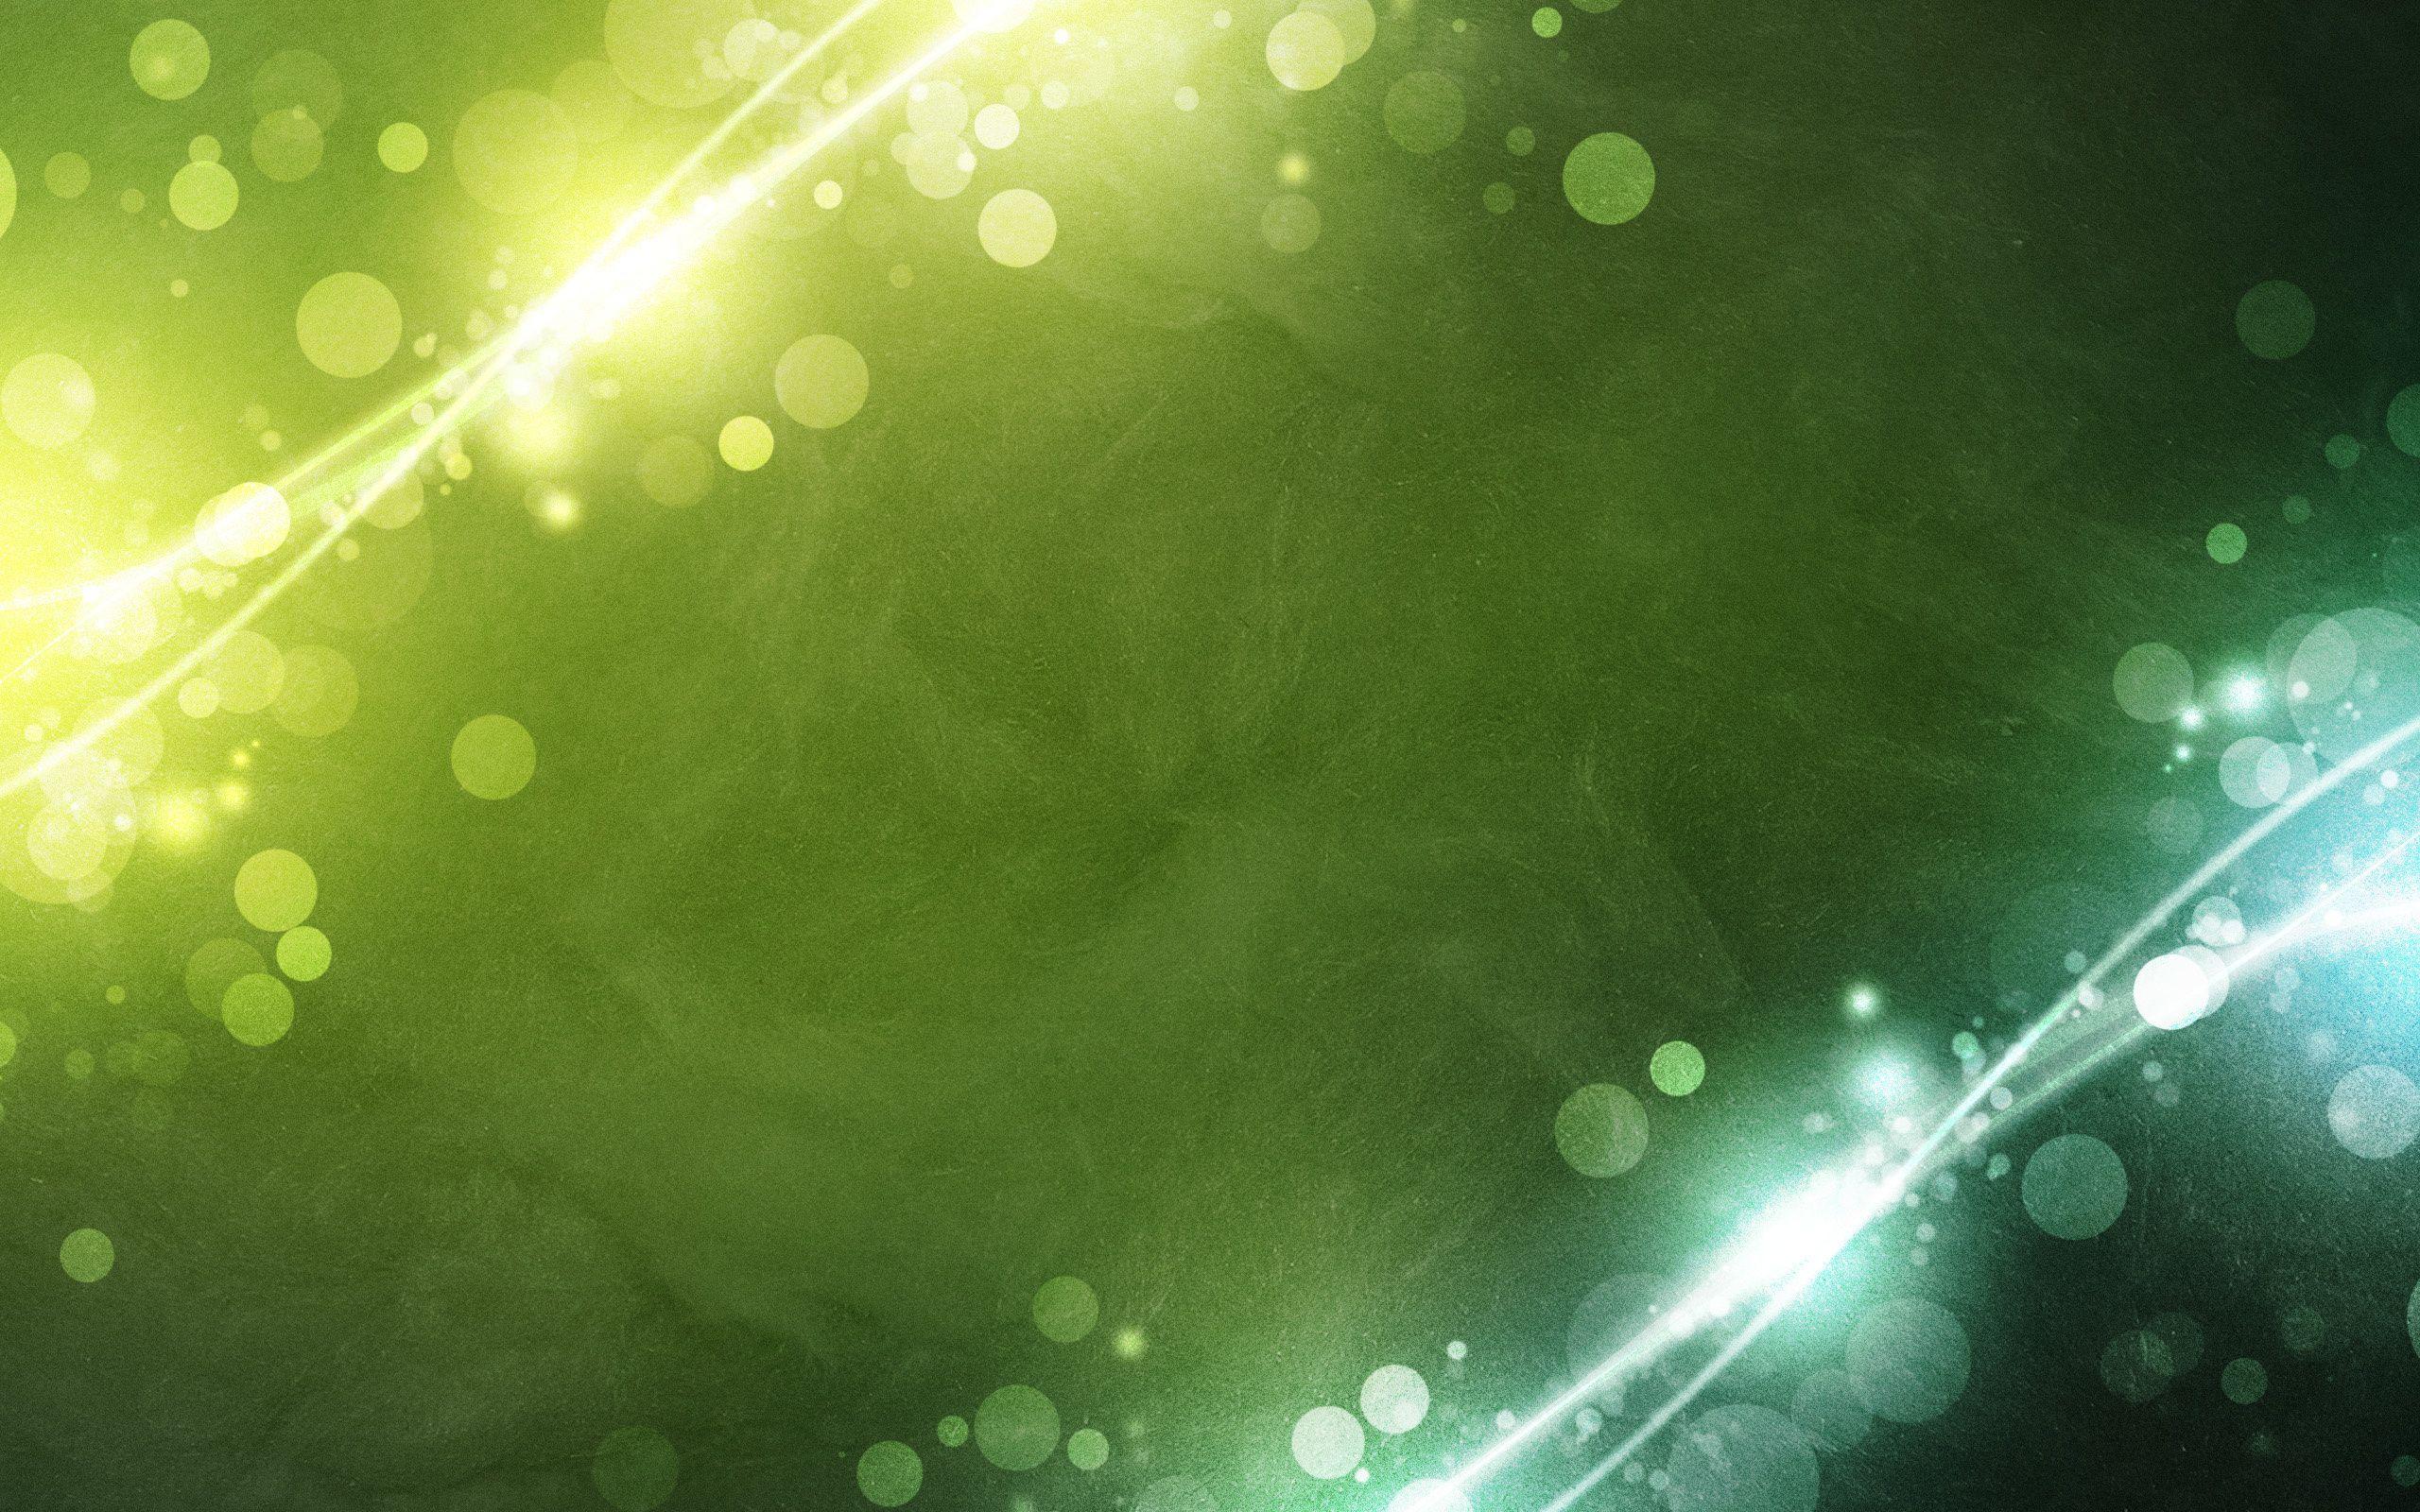 Bild,  Licht, Kreise, grün